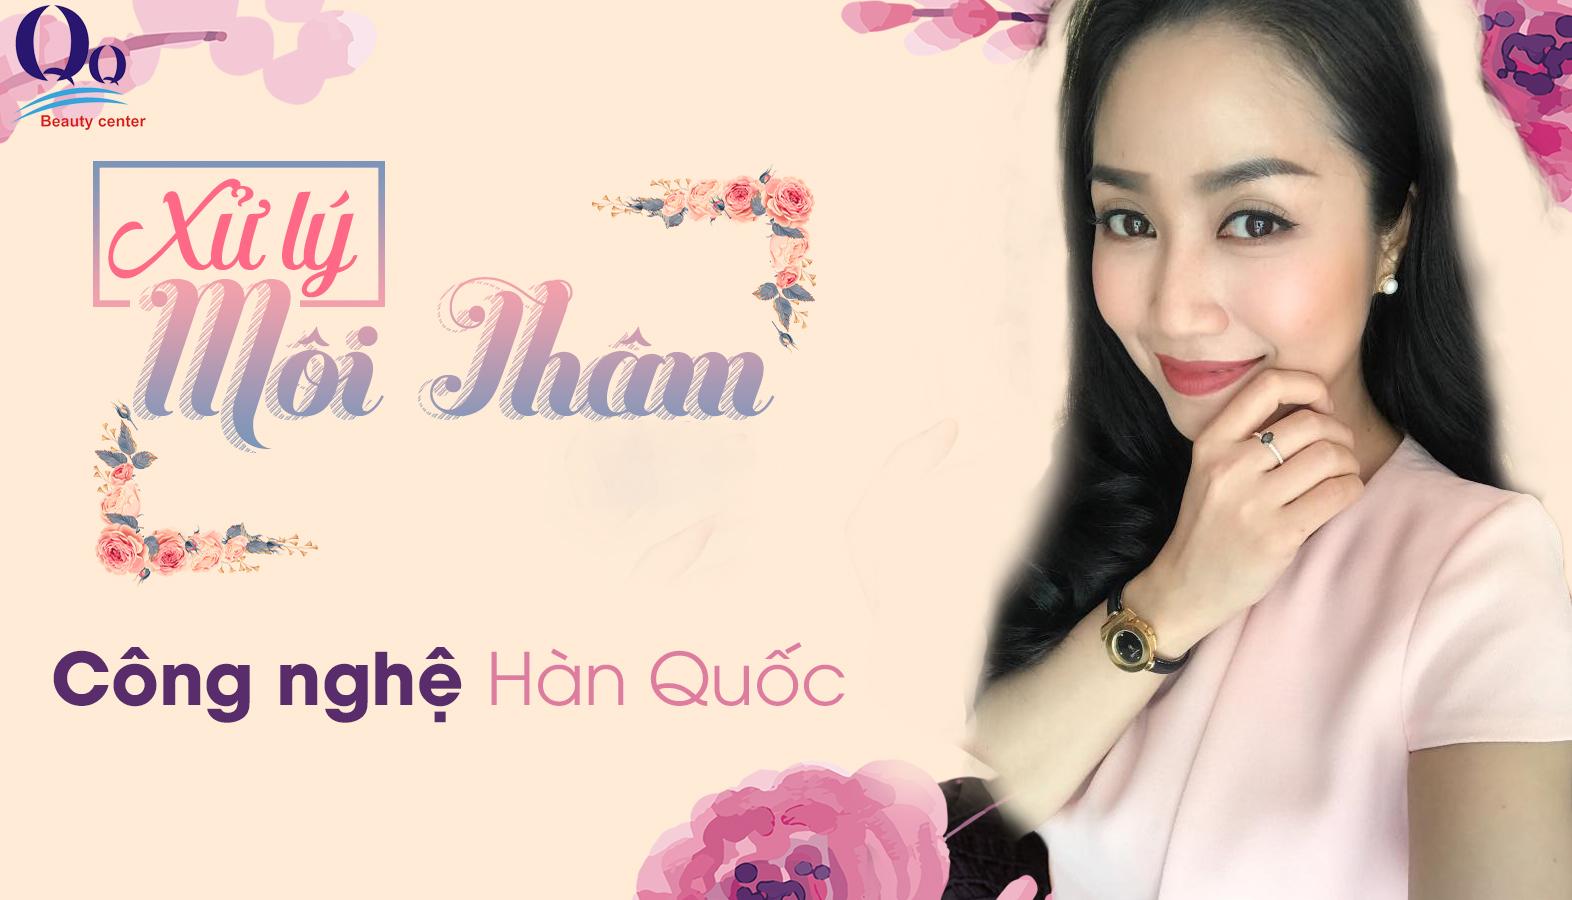 Địa chỉ xăm môi cho nam giới ở Hà Nội